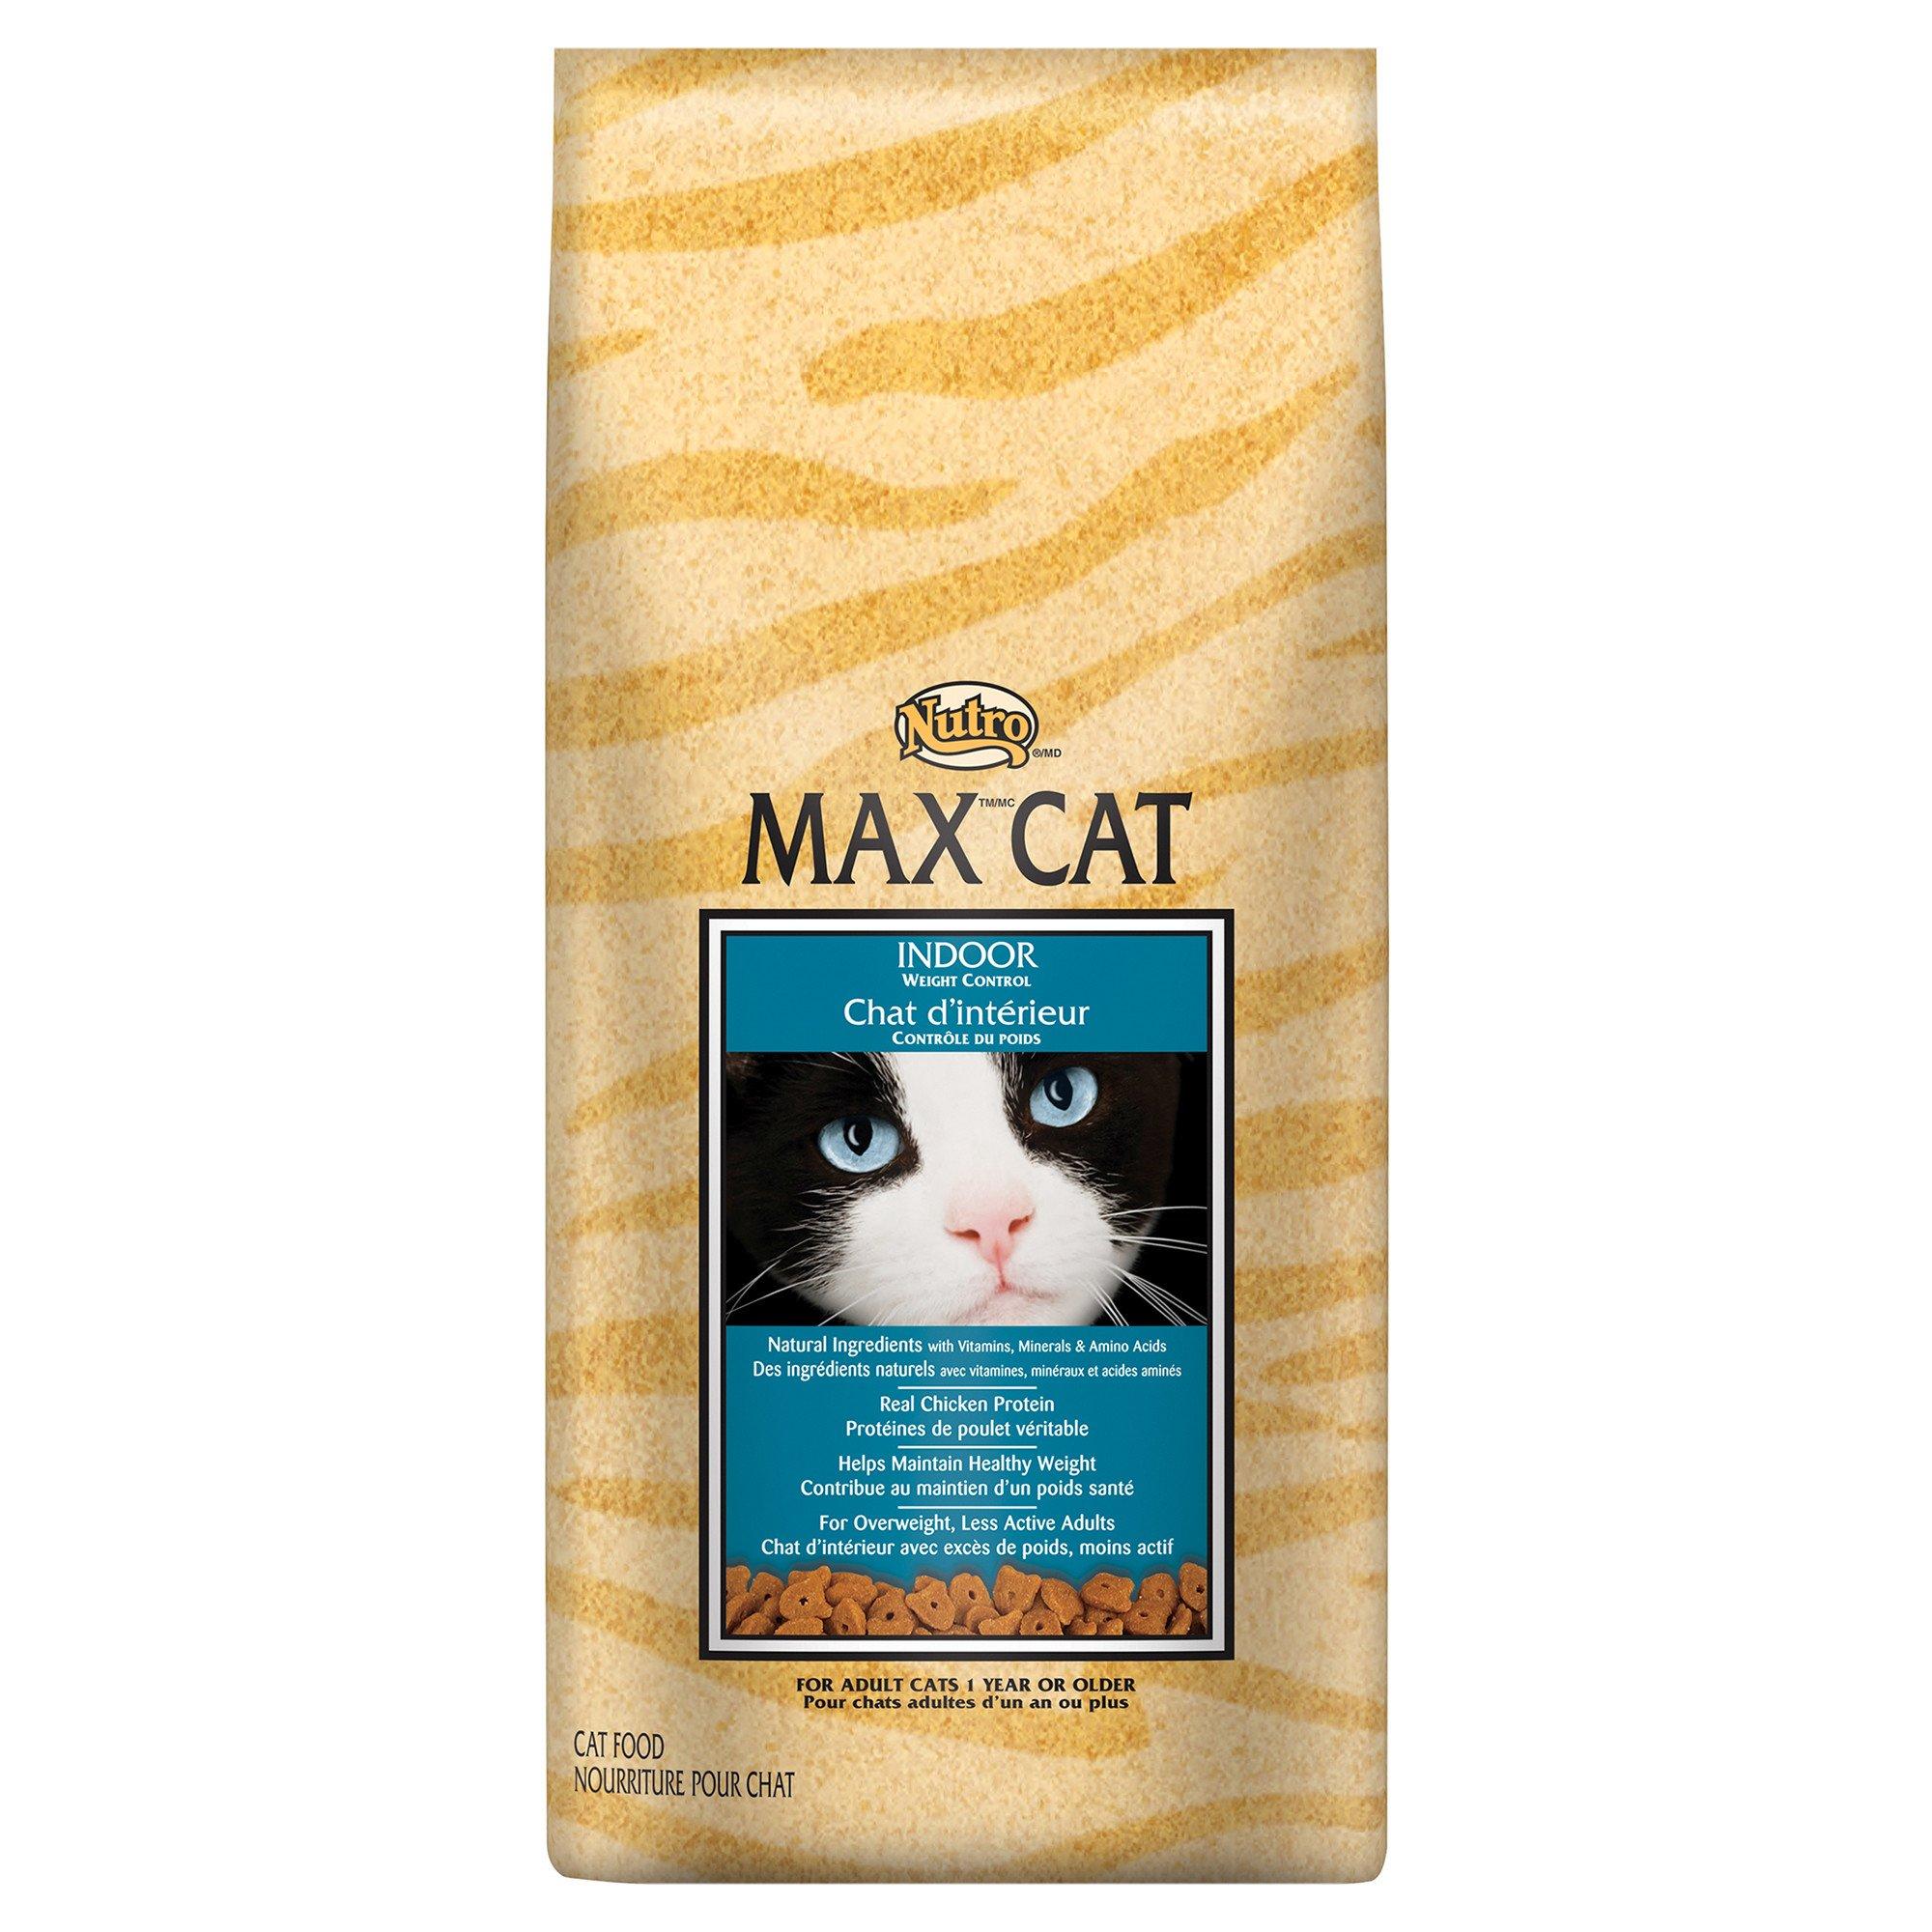 Nutro Max Cat Food Indoor Weight Control